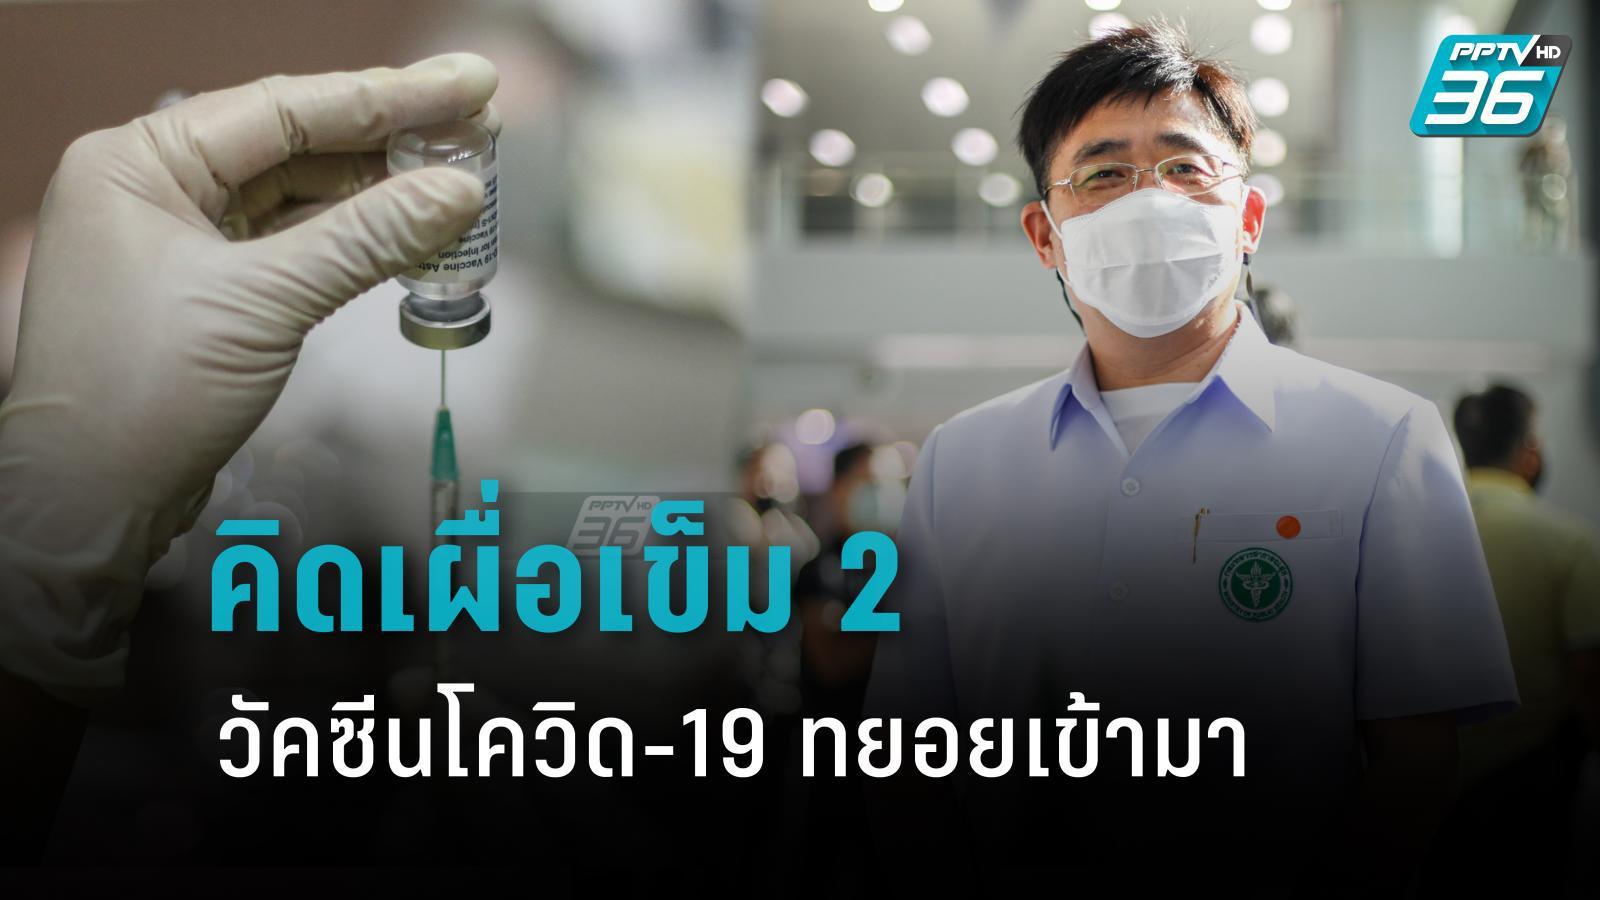 สธ.แจง 2 สาเหตุ แผนบริหารวัคซีนอย่างจำกัด